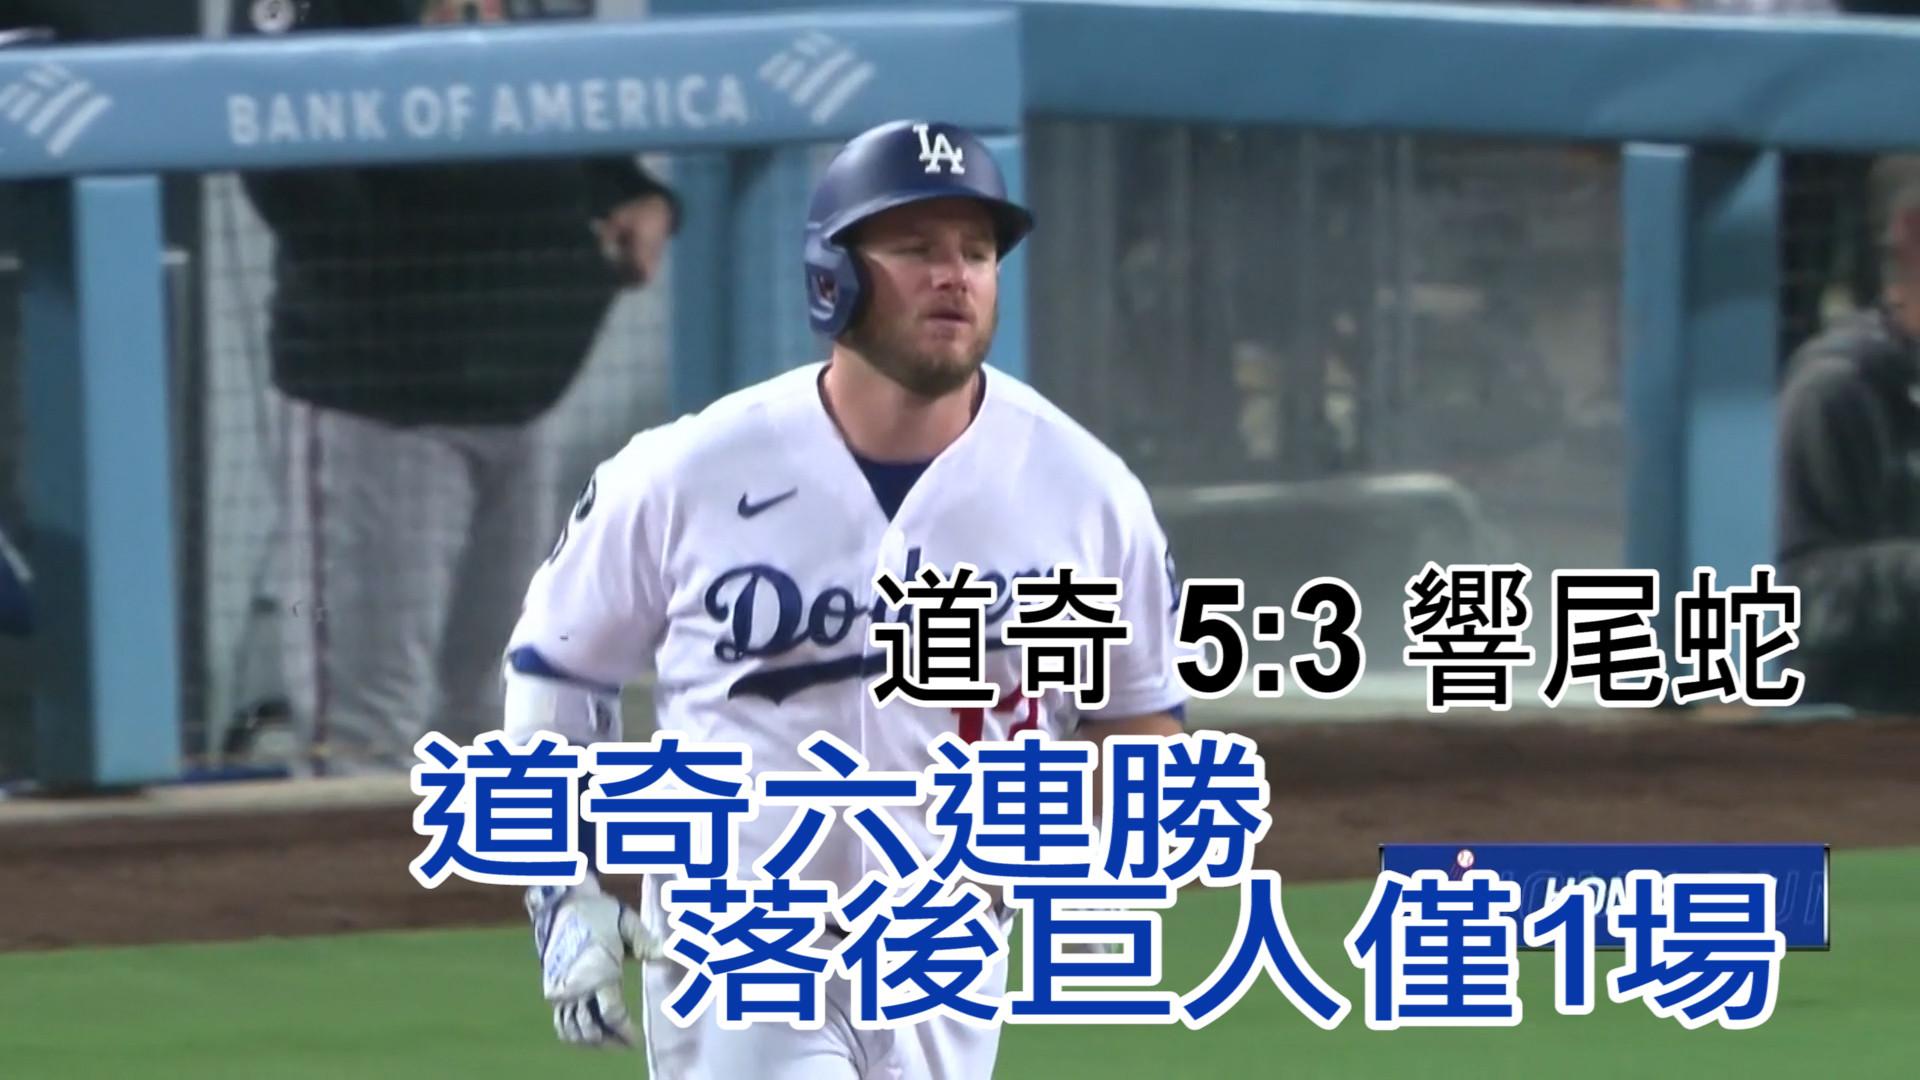 【MLB看愛爾達】道奇5:3勝響尾蛇 與巨人僅1場勝差 9/17